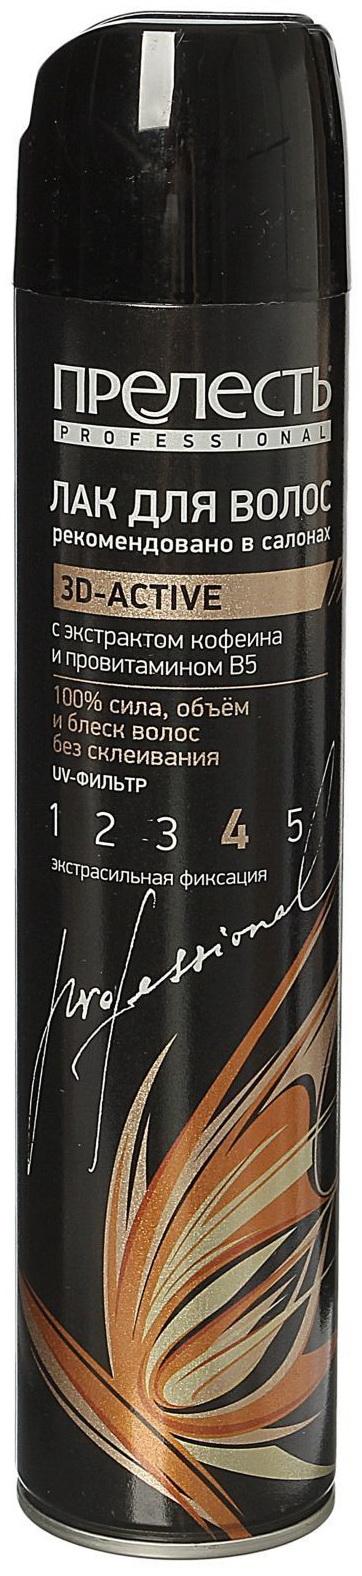 Лак для волос Прелесть Professional 3d-active 300 мл